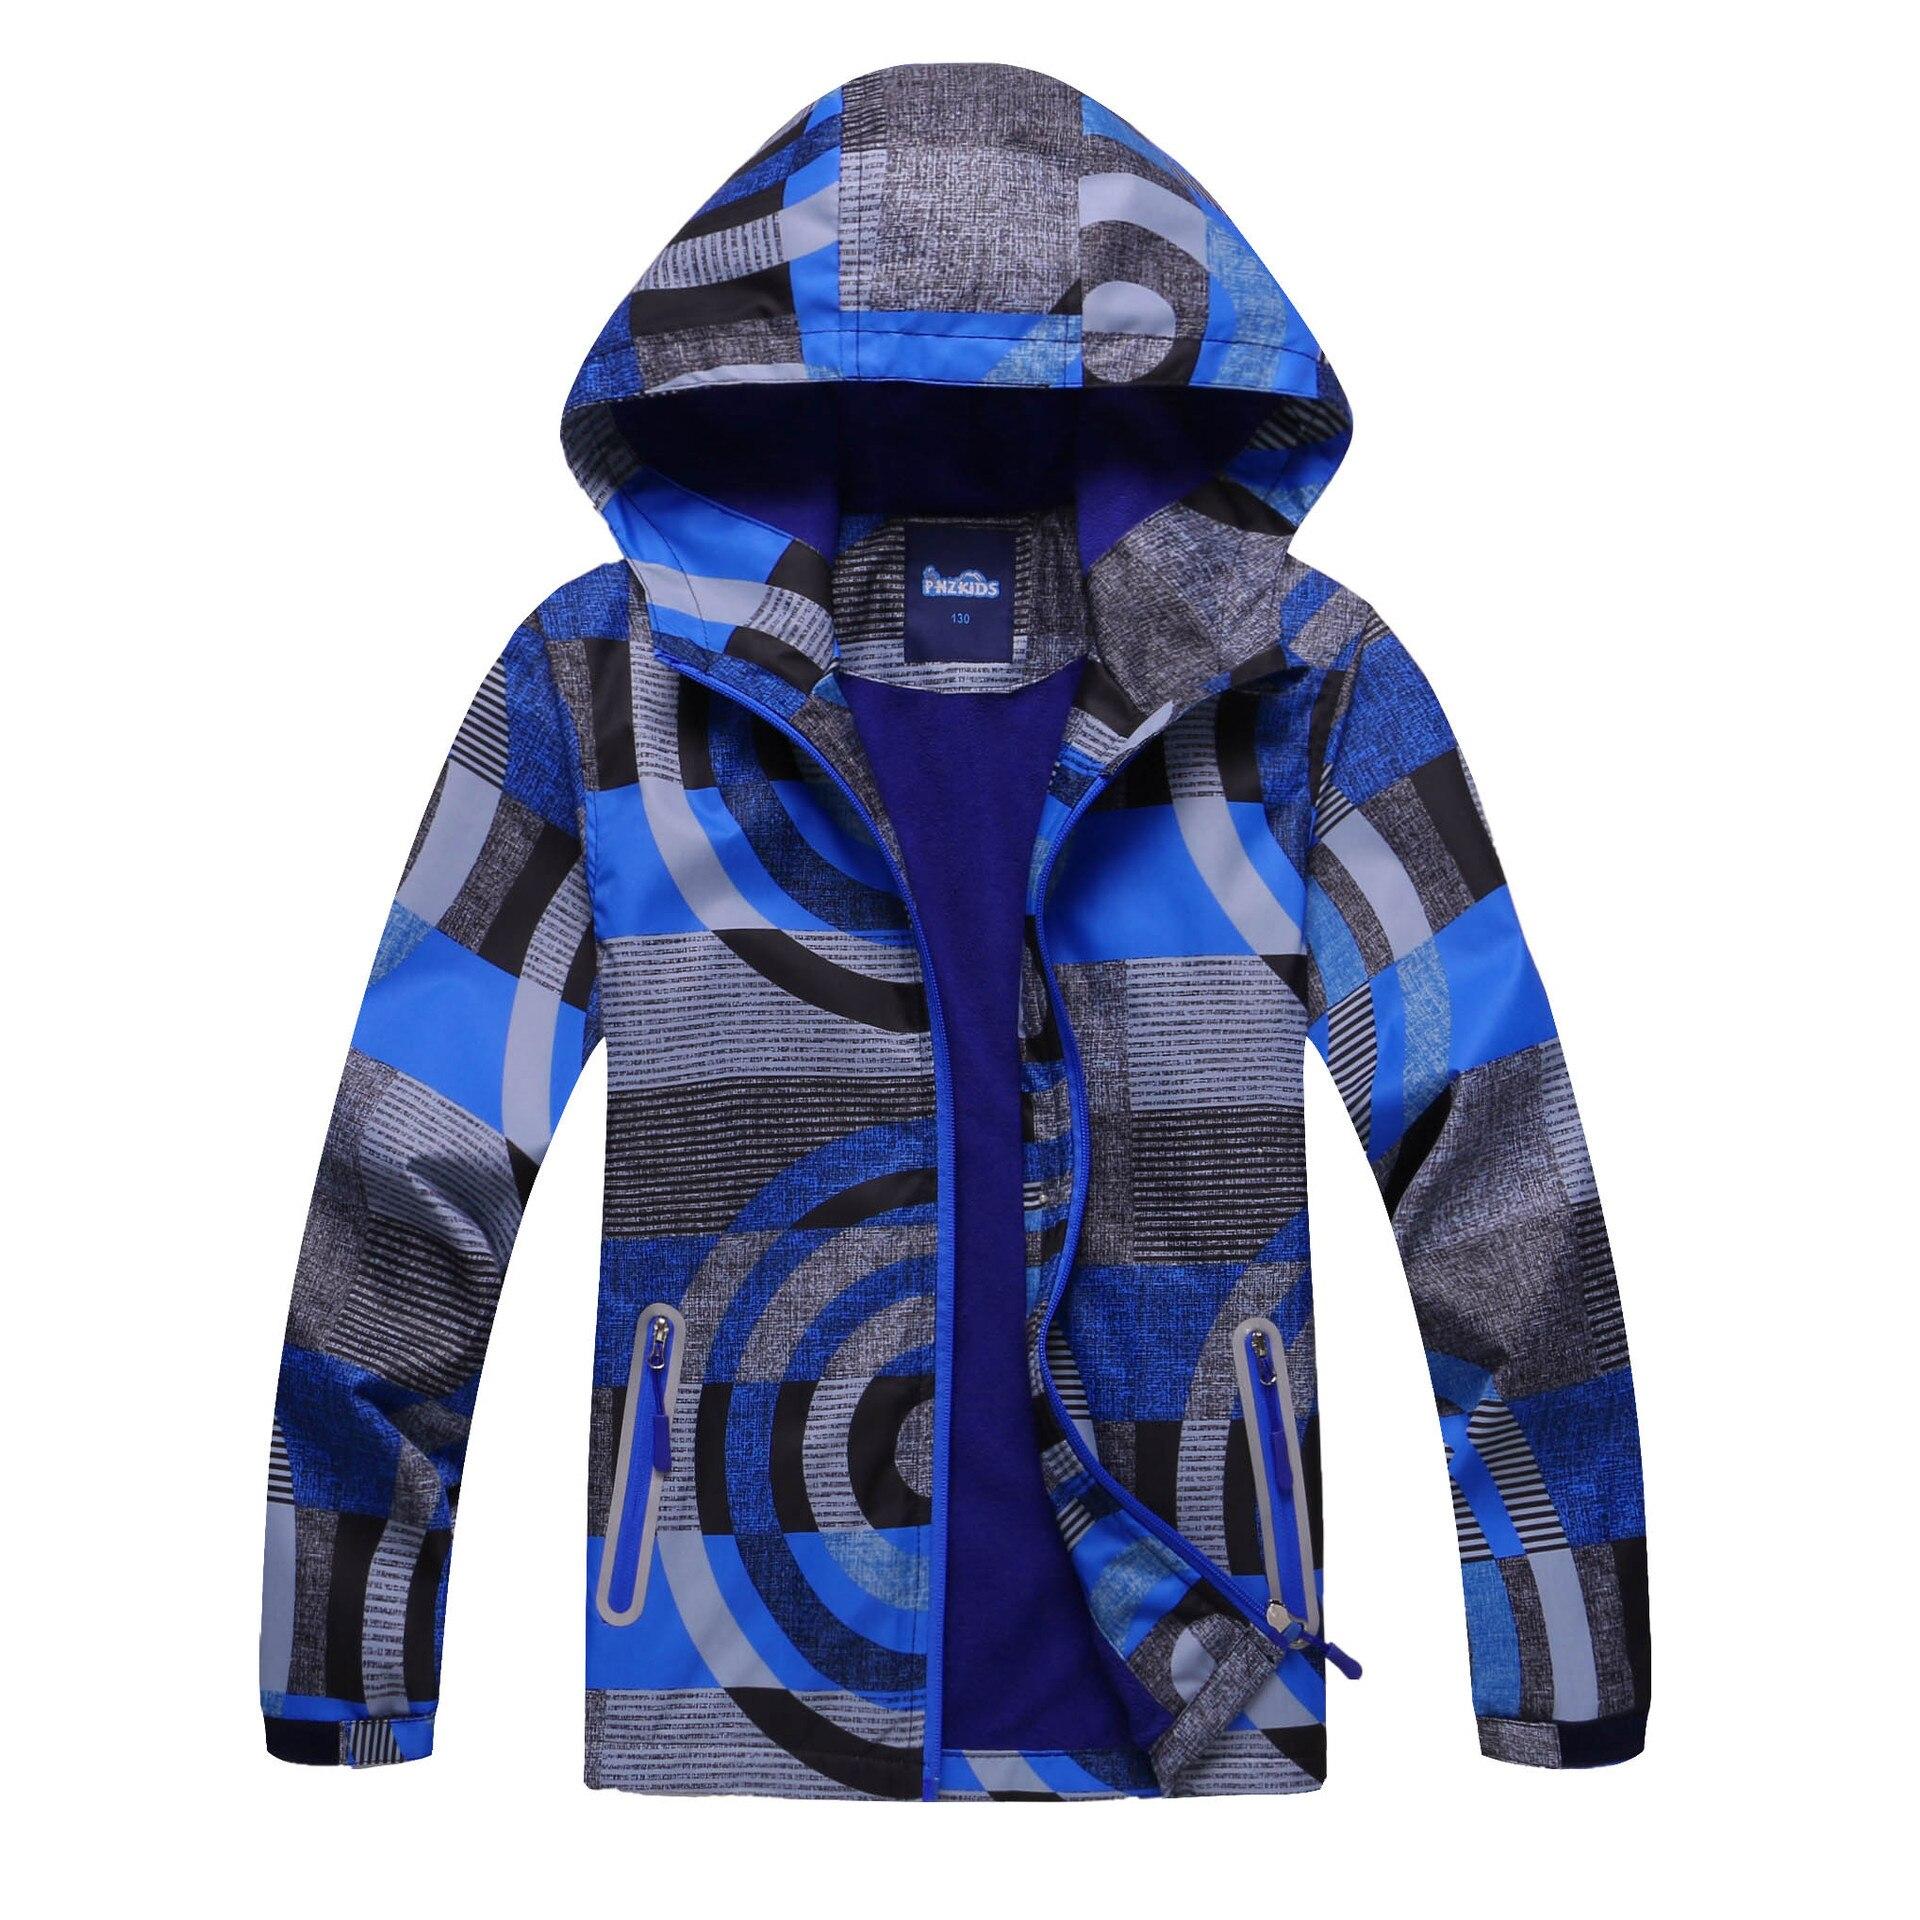 Breathable Hooded Coat Cardigan Waterproof Windbreaker for Kids 3-12years Casual Sportswear Fleece Outerwear New Jacket for Boys